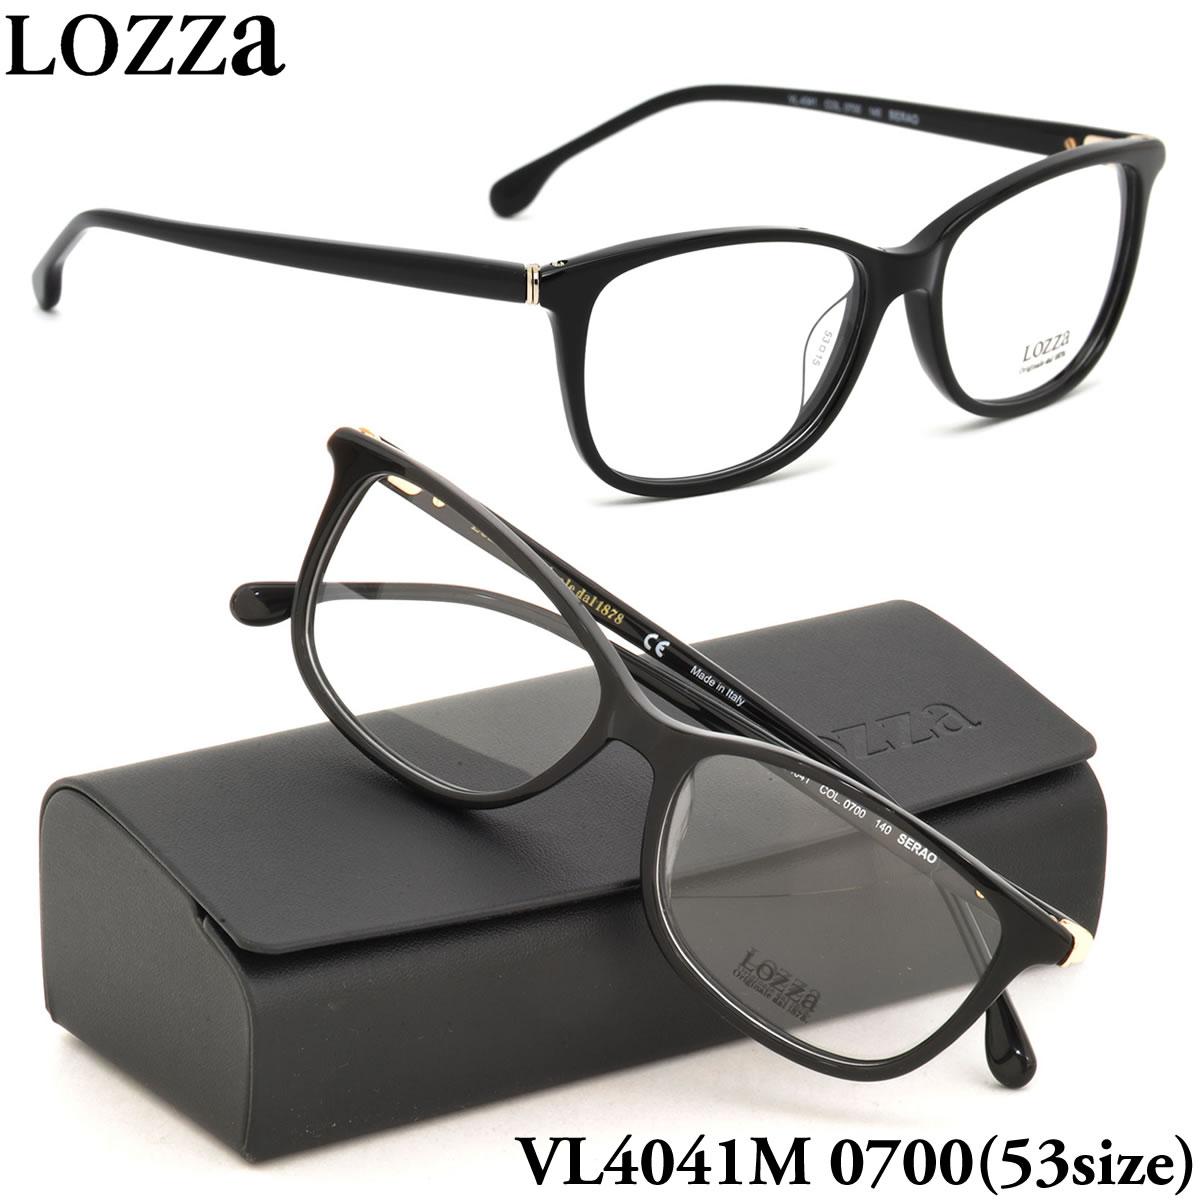 ロッツァ 眼鏡 メガネ フレーム VL4041M 0700 53サイズ SERAO ボストン メンズ レディース